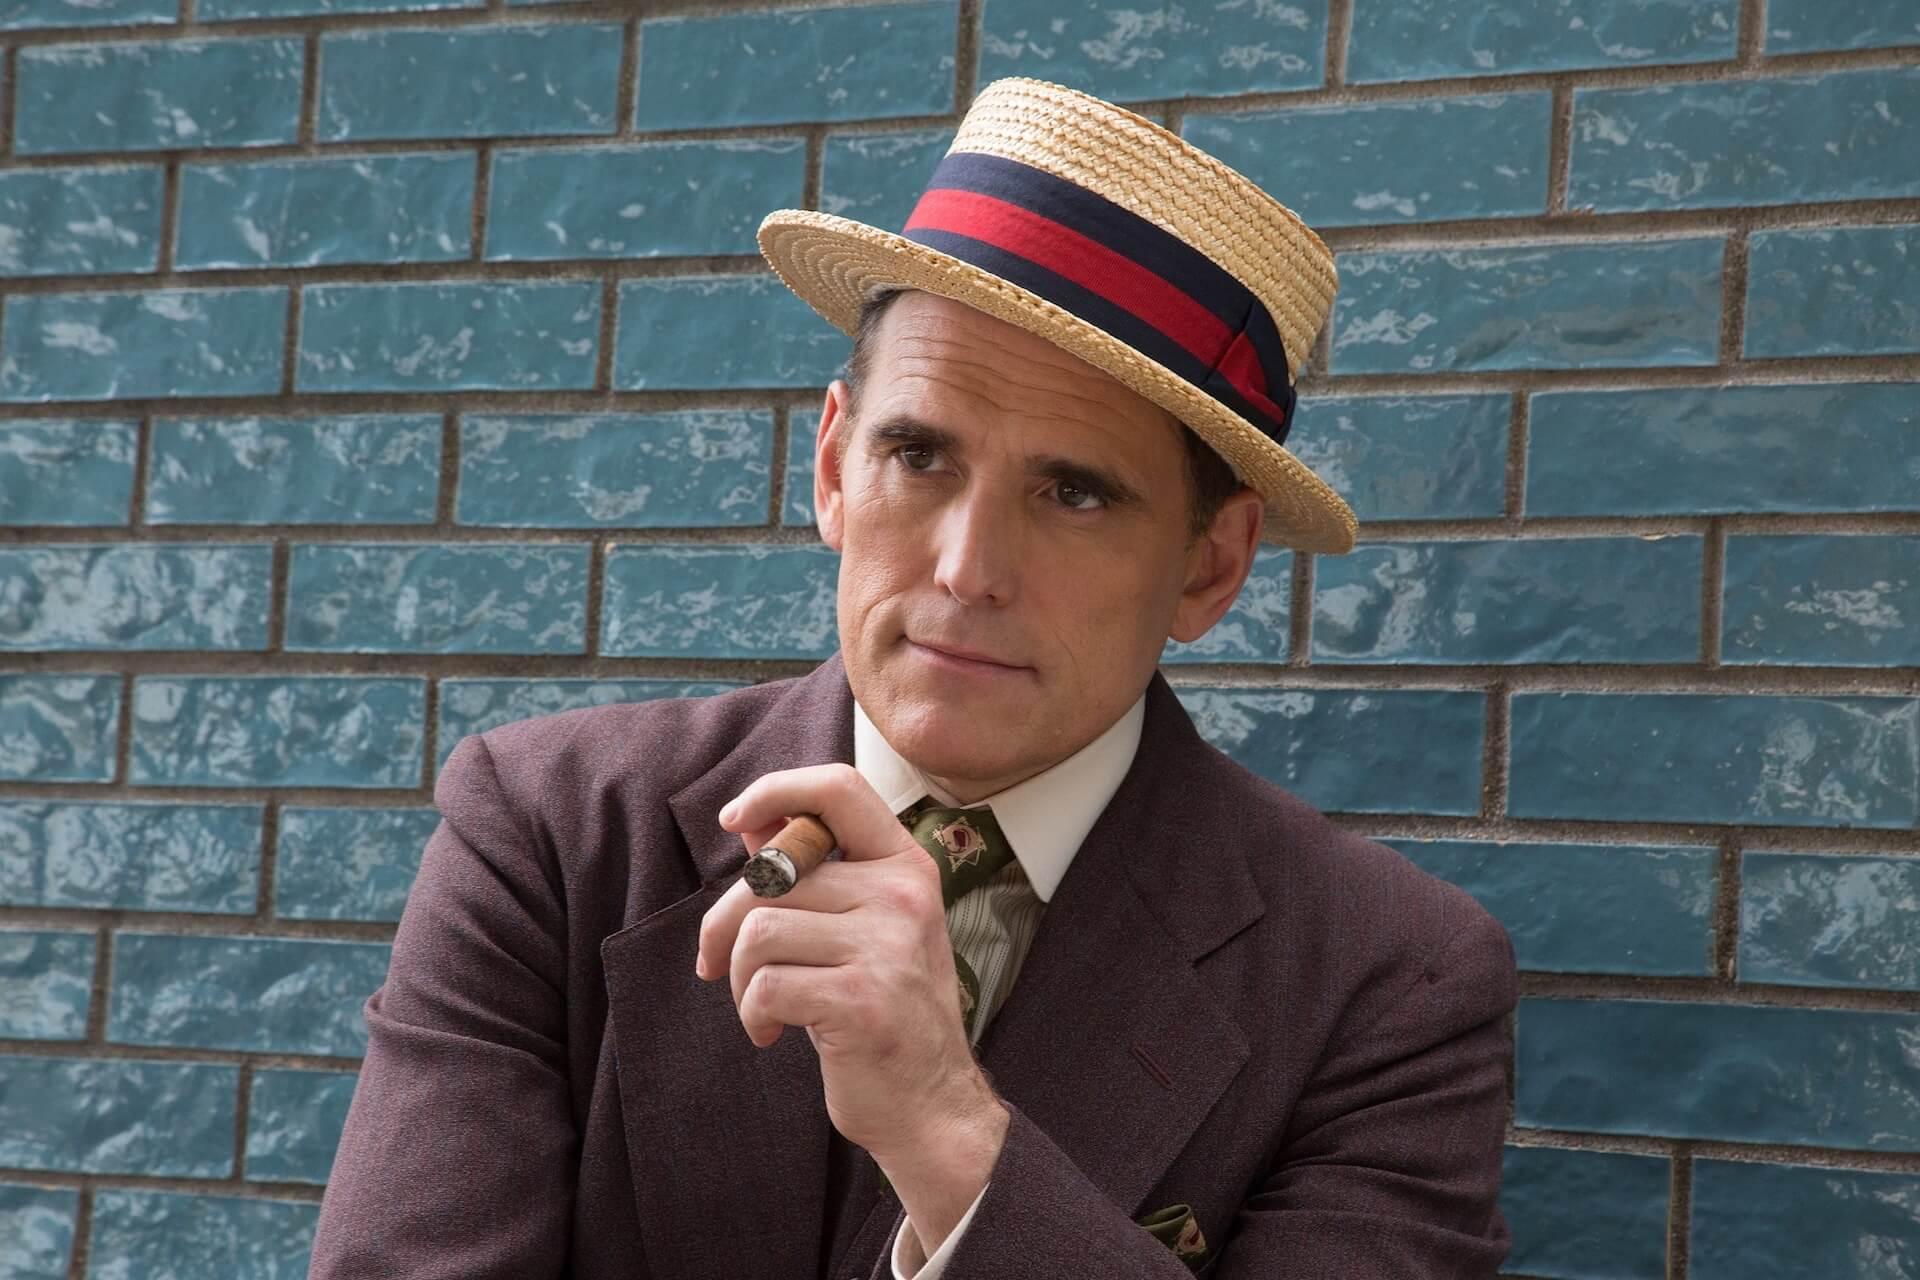 晩年のアル・カポネを演じるトム・ハーディの魅力に迫る!『カポネ』の新場面写真&特別エピソードが到着 film210125_capone_6